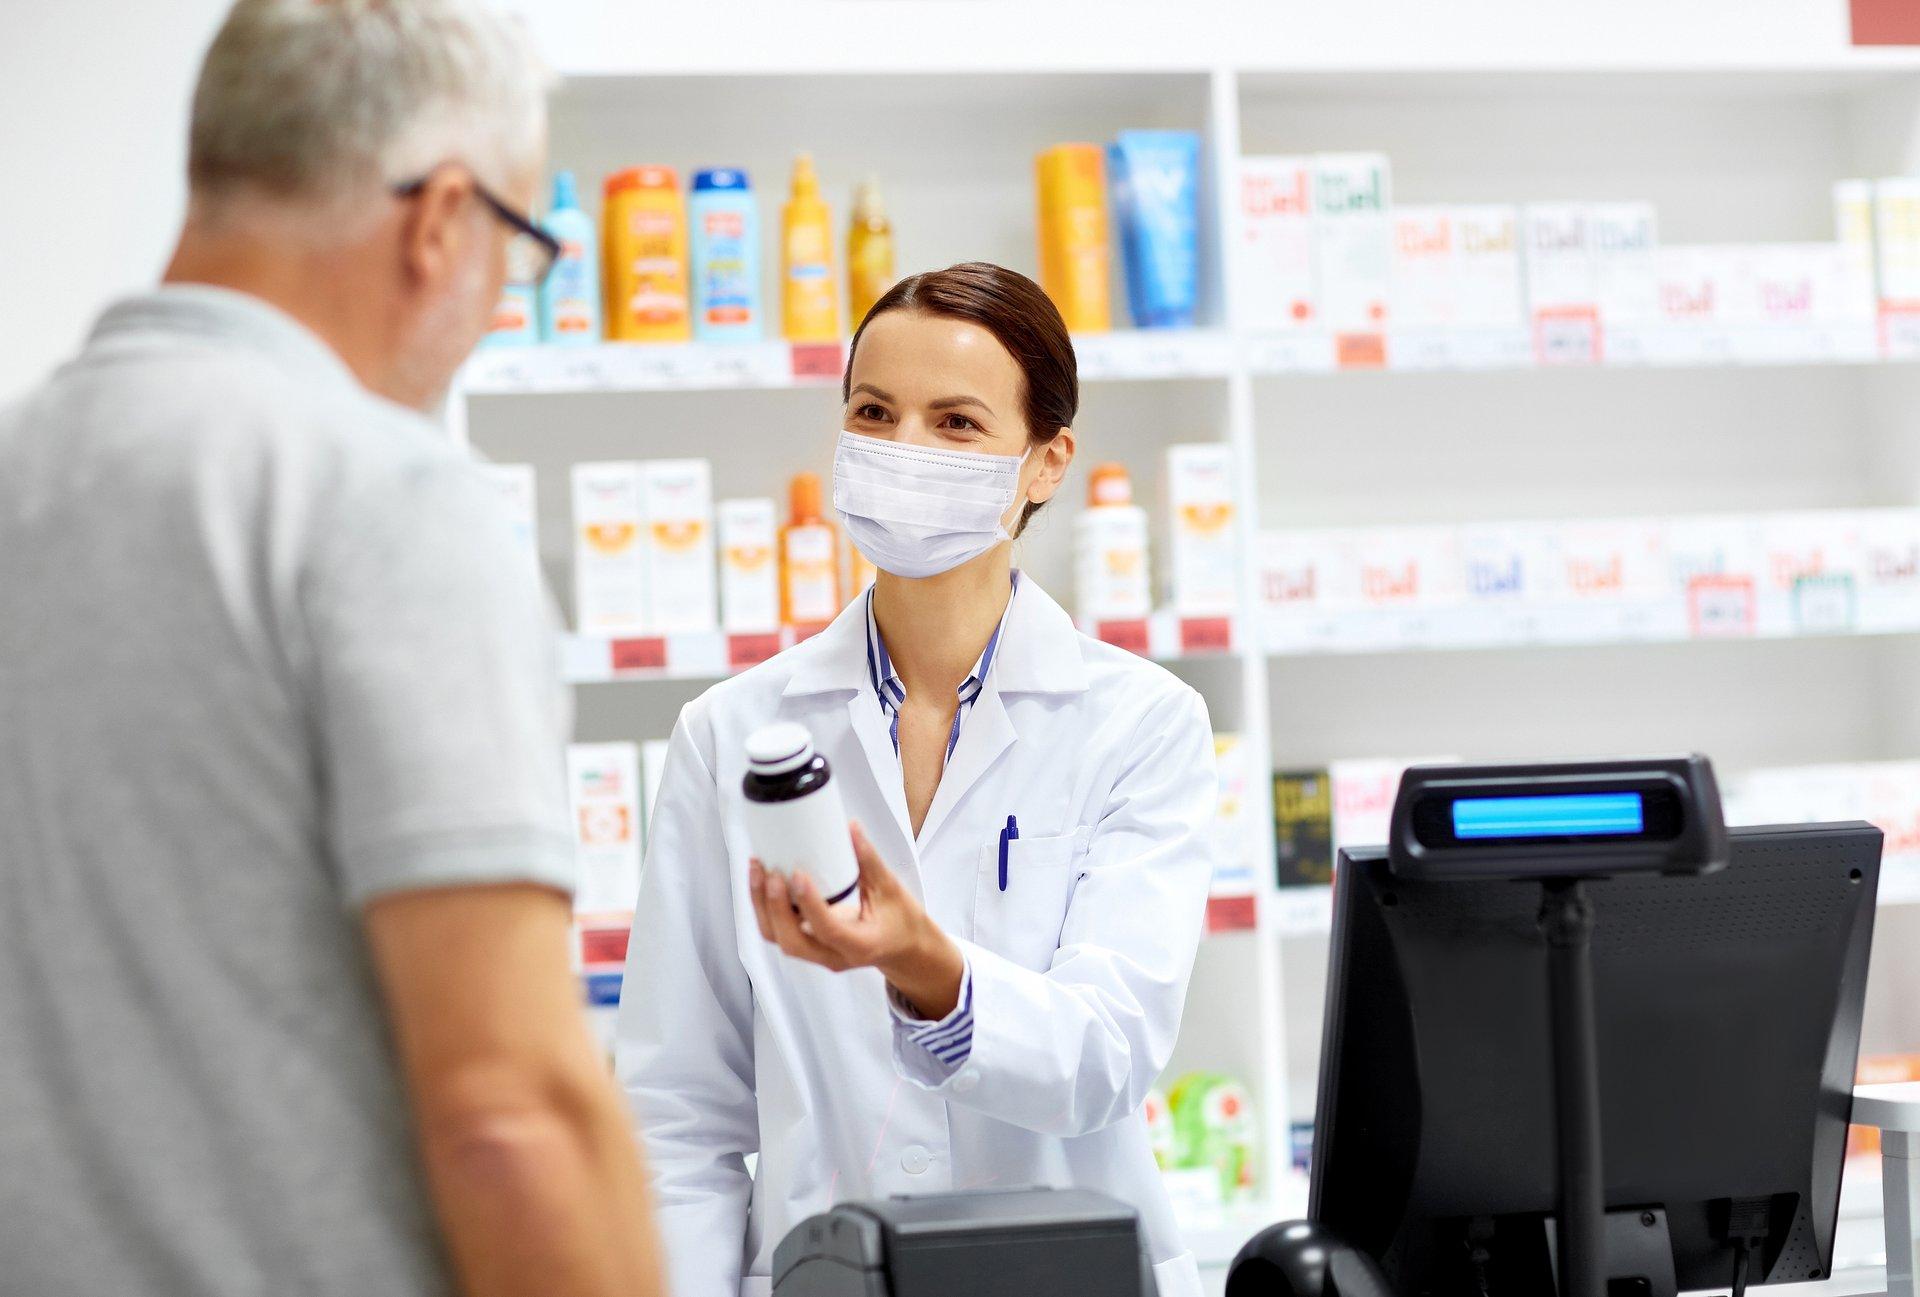 Odmowa obsługi pacjenta bez maseczki w aptece? To nie takie proste!